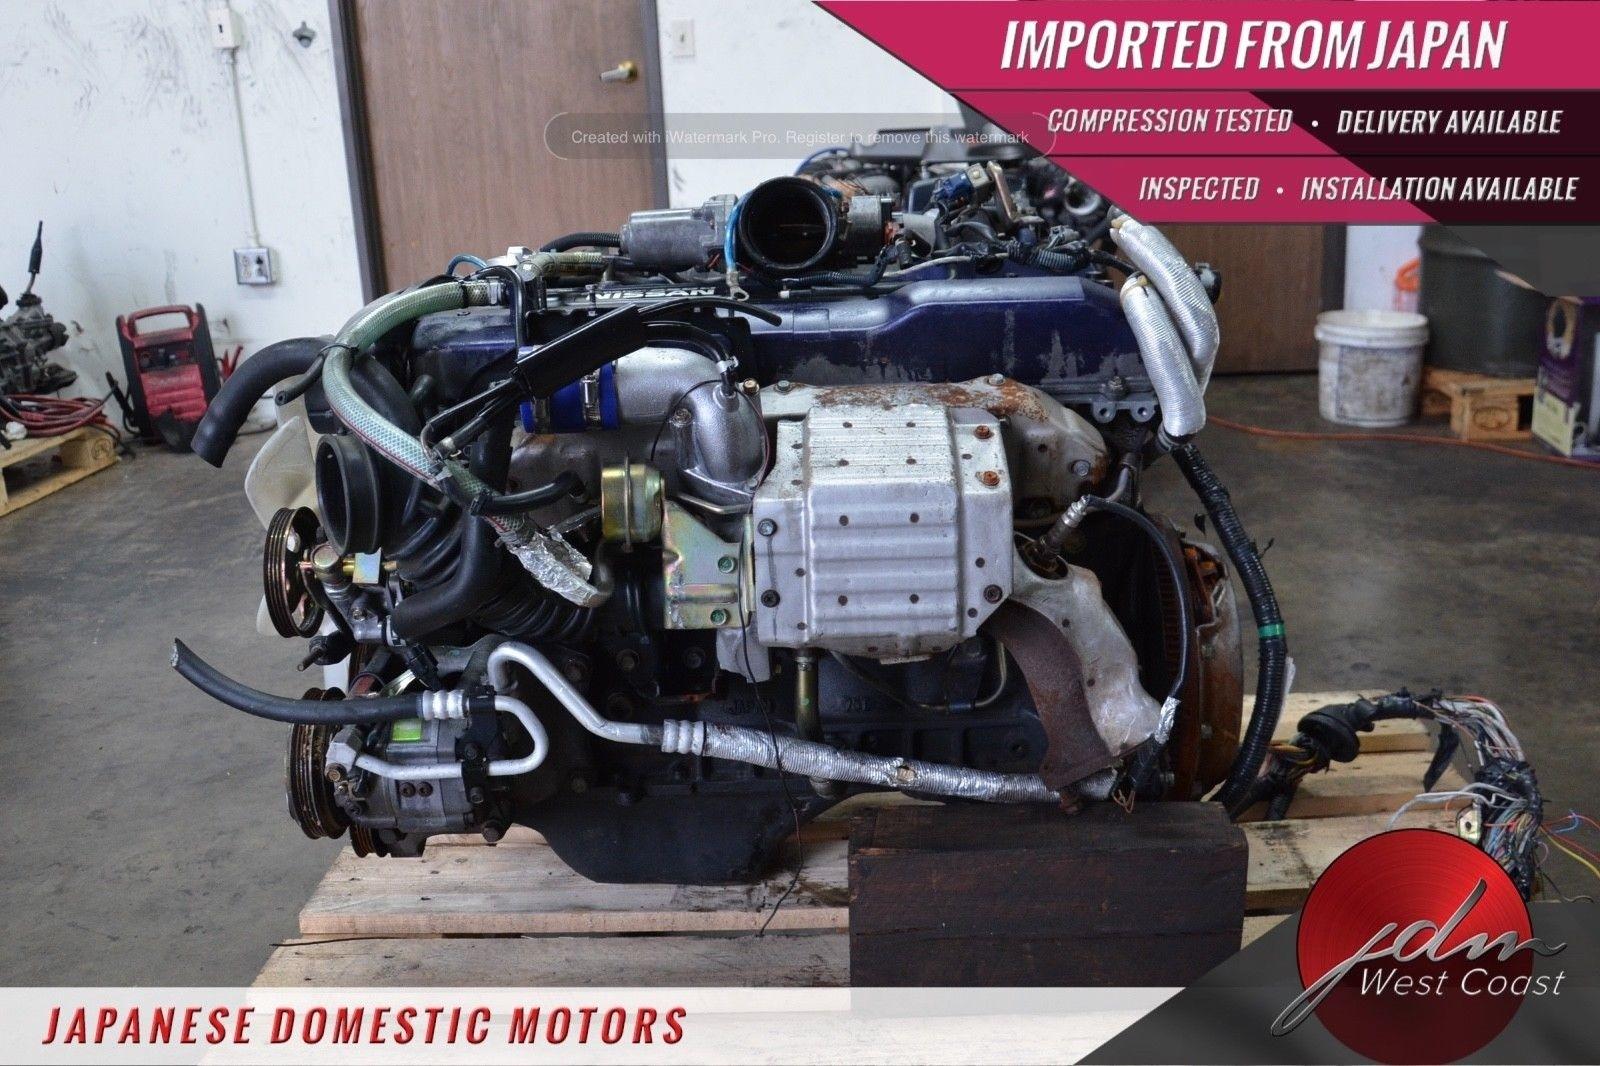 Jdm Nissan Skyline Rb25det 2 5L Inline-Six Turbo R33 SERIES-1 5SPD MT ECU  WIRING